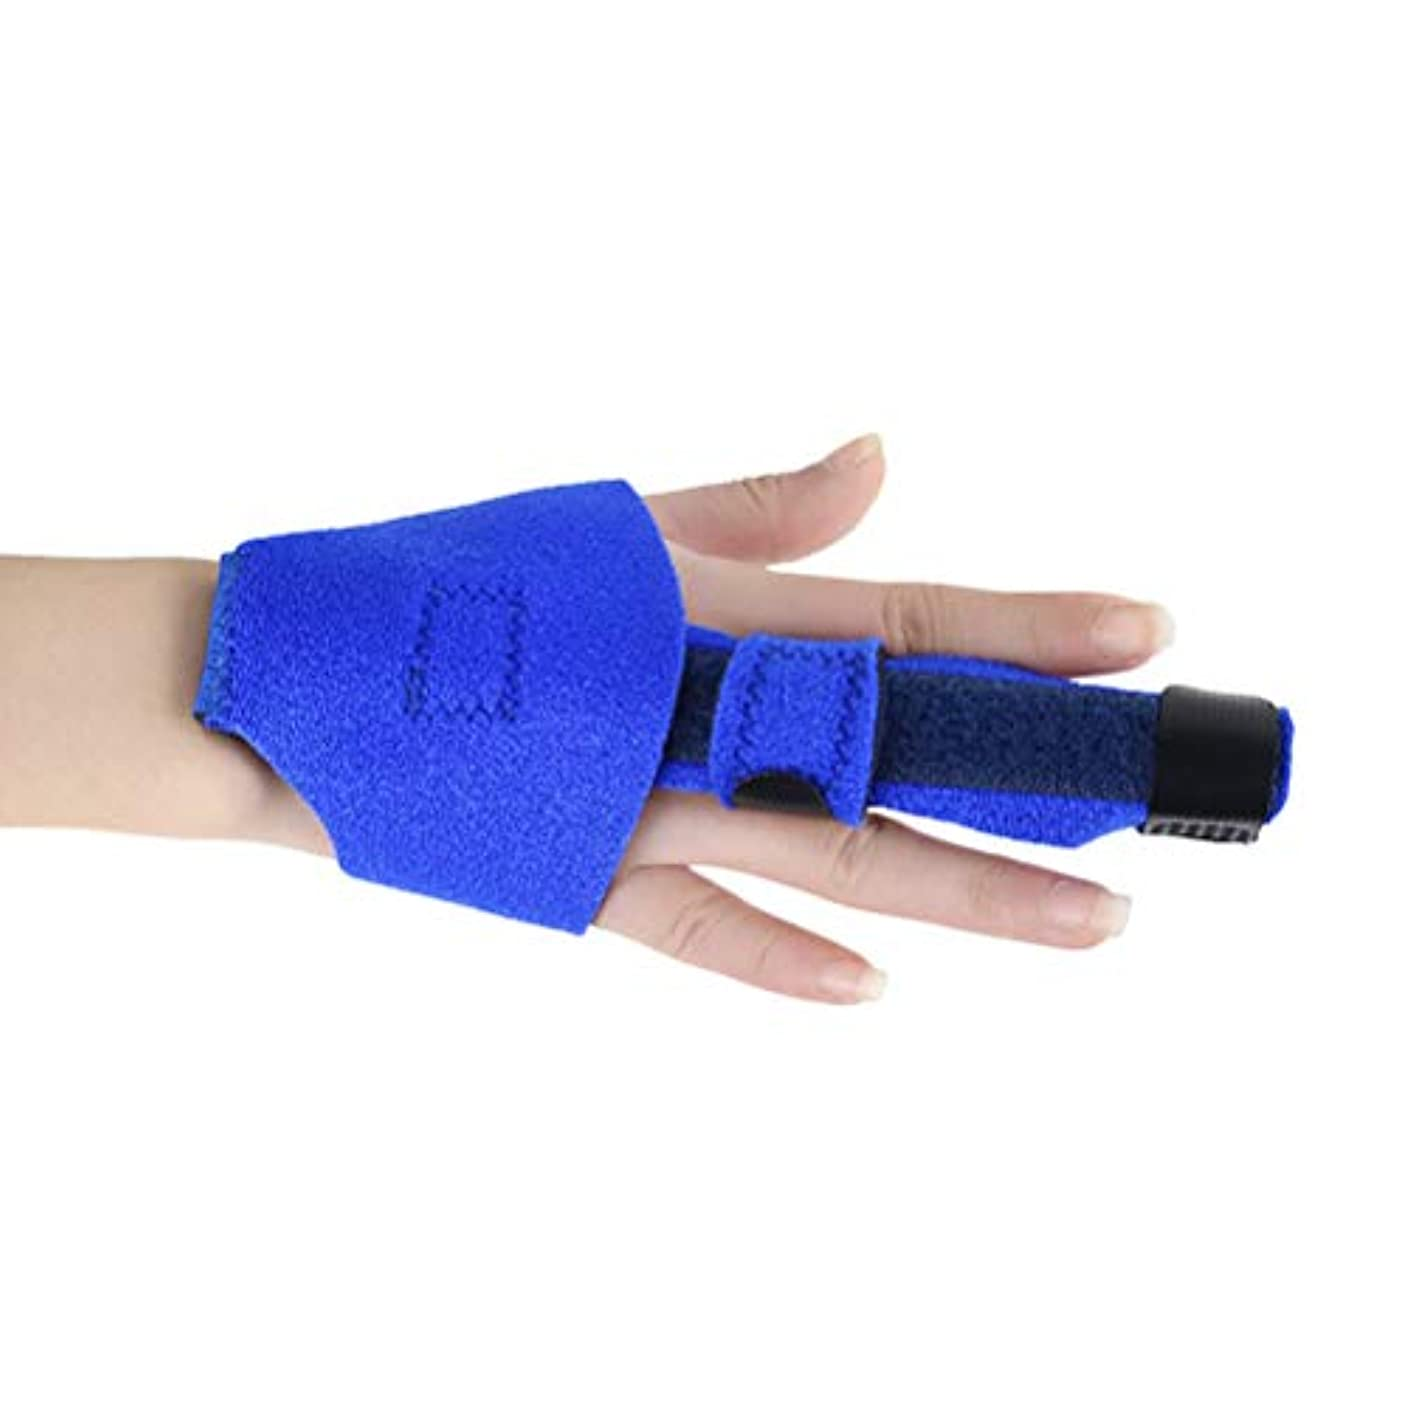 ほんのアメリカフクロウSUPVOX トリガーフィンガースプリント 指サポーター 指の骨折副木壊れた指のサポート手首指固定ブレースプロテクター(ブルー)